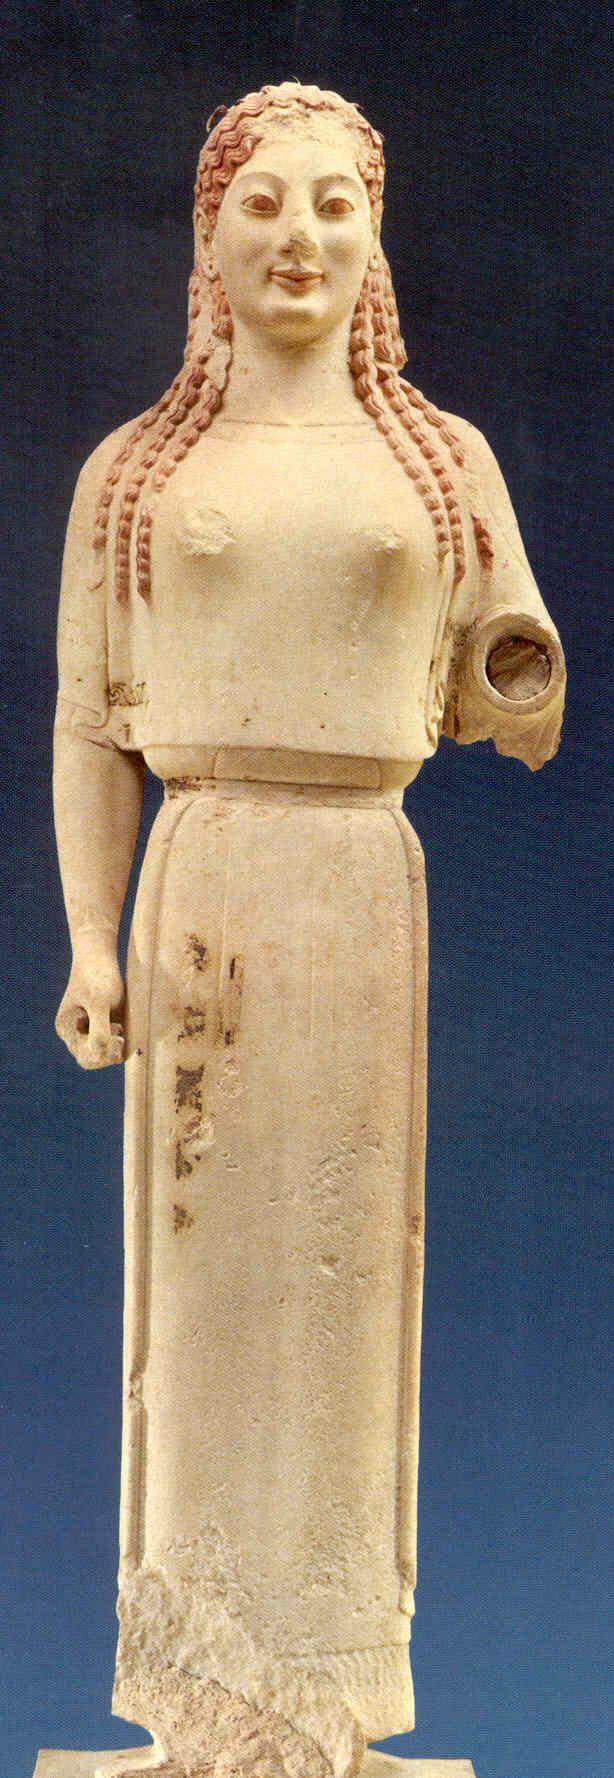 La grecia arcaica se era básica, túnica y chal; enmarcaban el cuerpo.